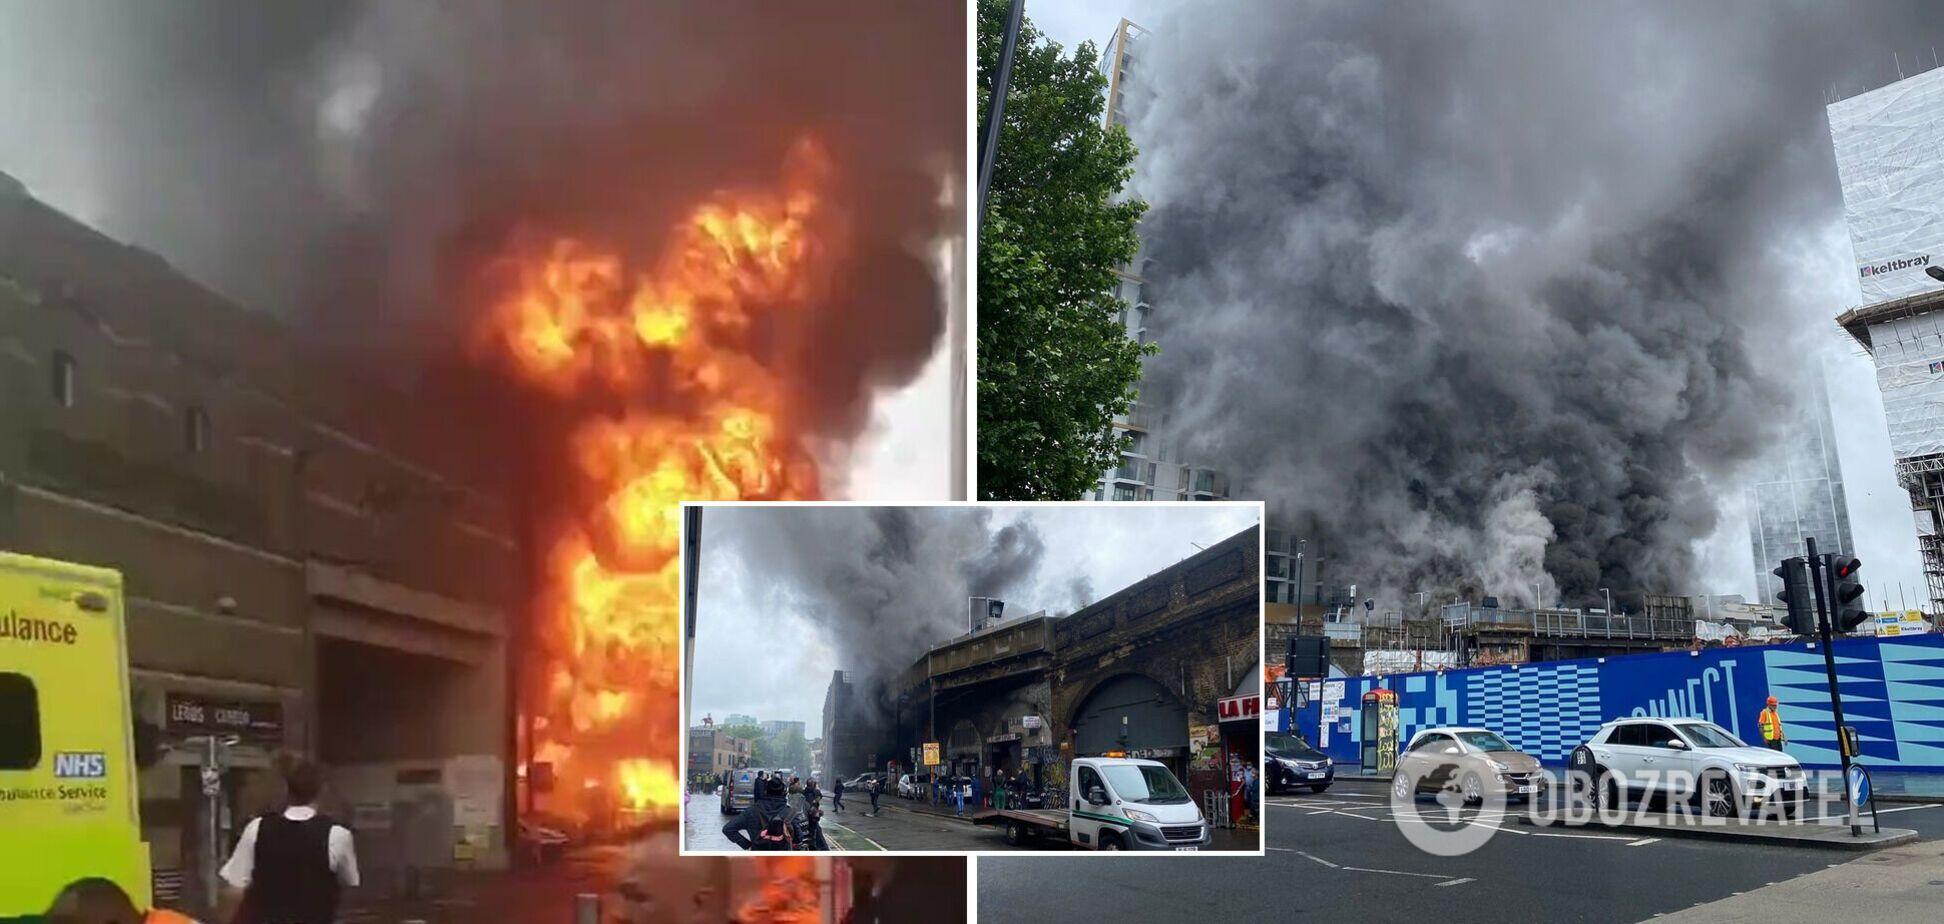 В метро Лондона прогремел масштабный взрыв и вспыхнул пожар. Фото и видео ЧП